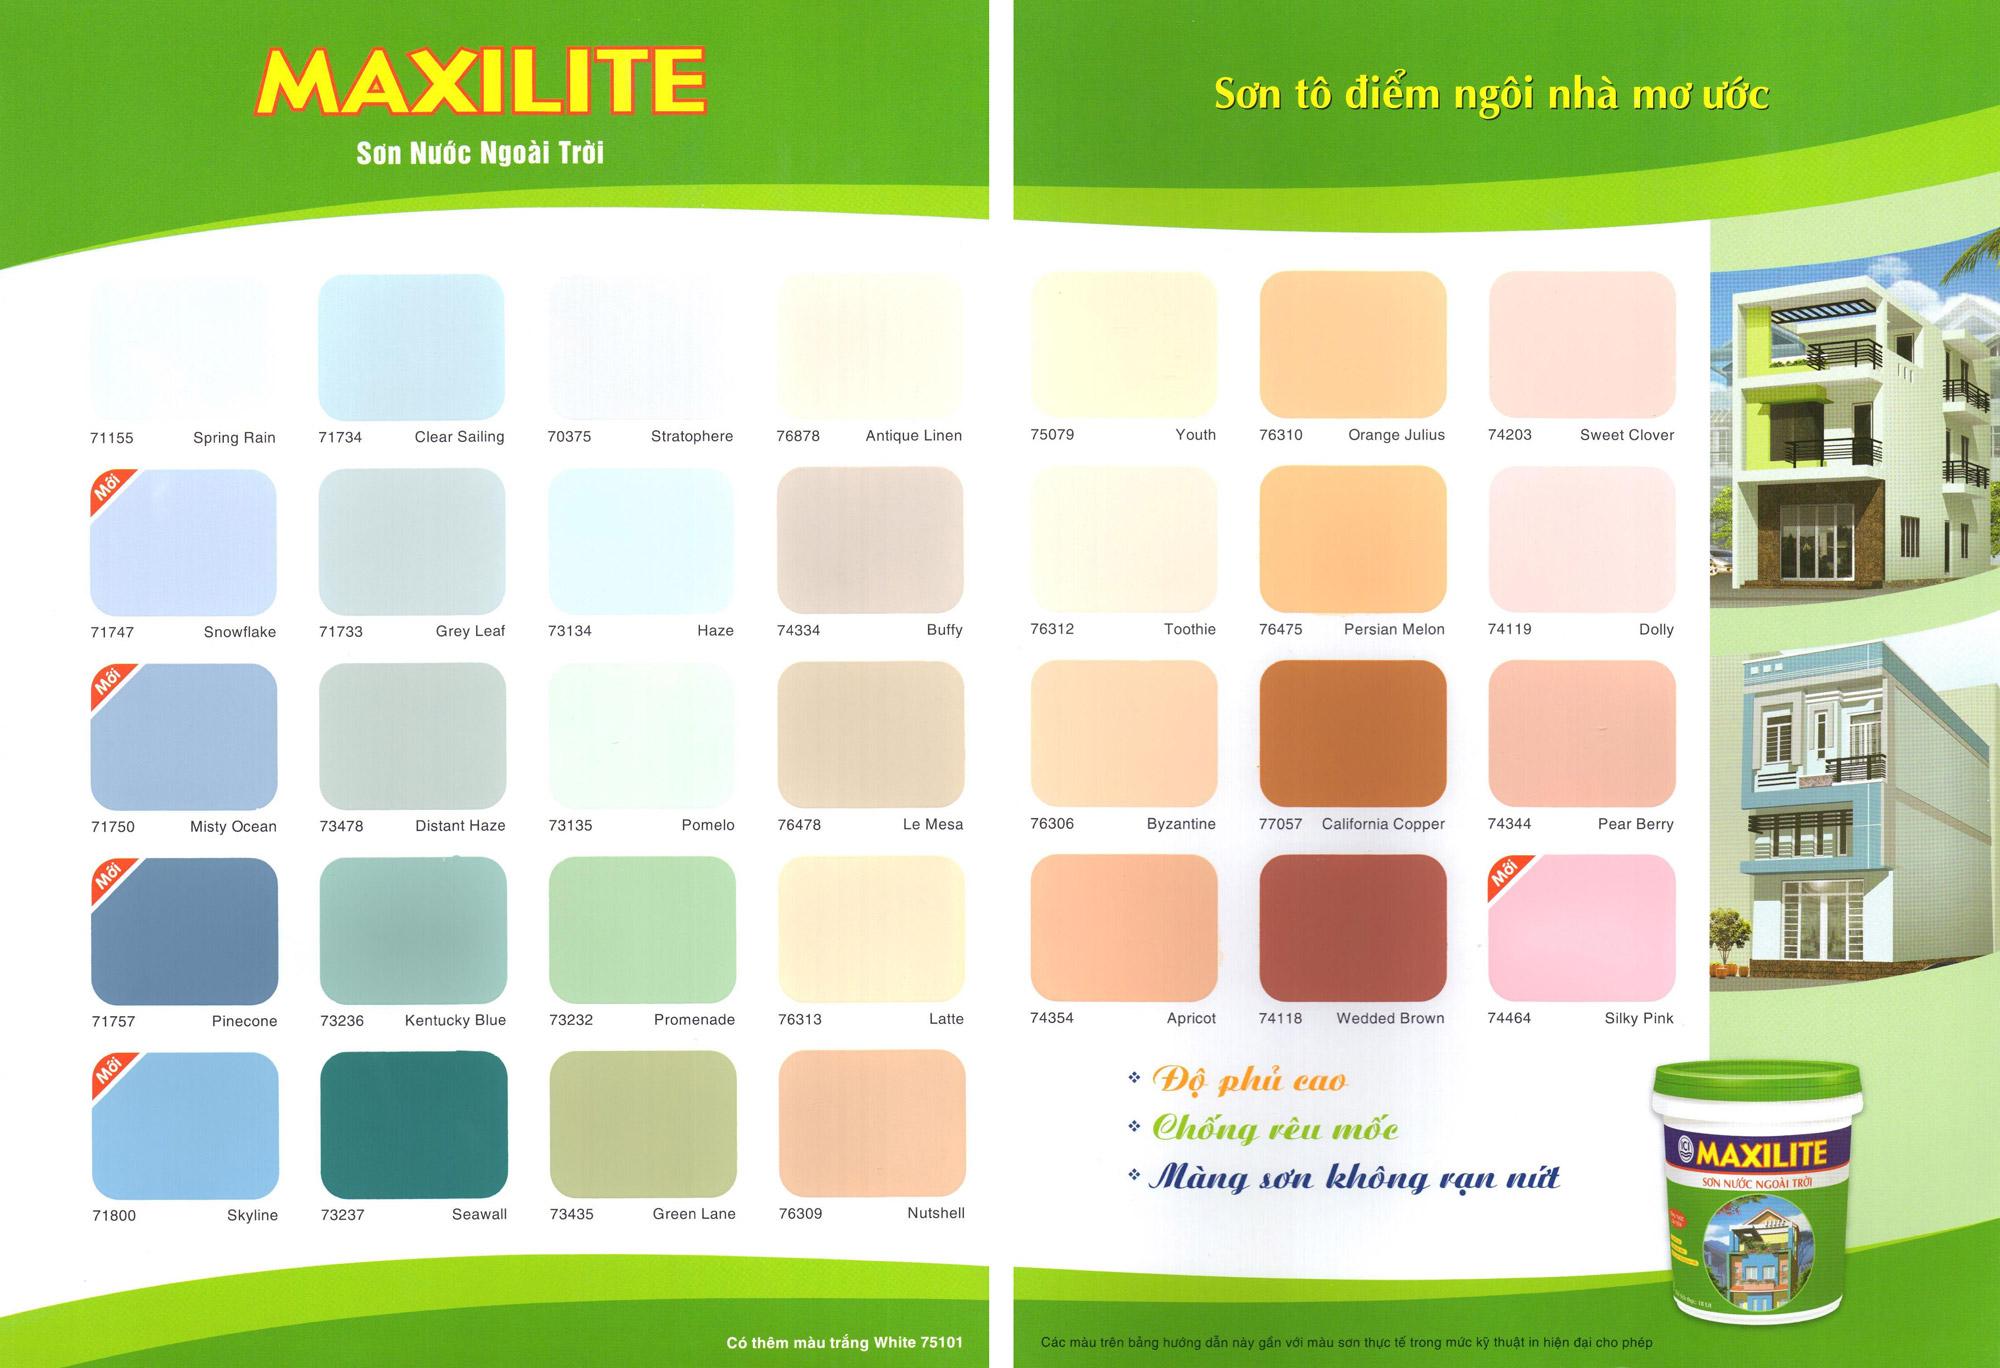 Các câu hỏi và cách chọn màu sắc sơn sao cho phù hợp với ngôi nhà và tuổi gia chủ ?